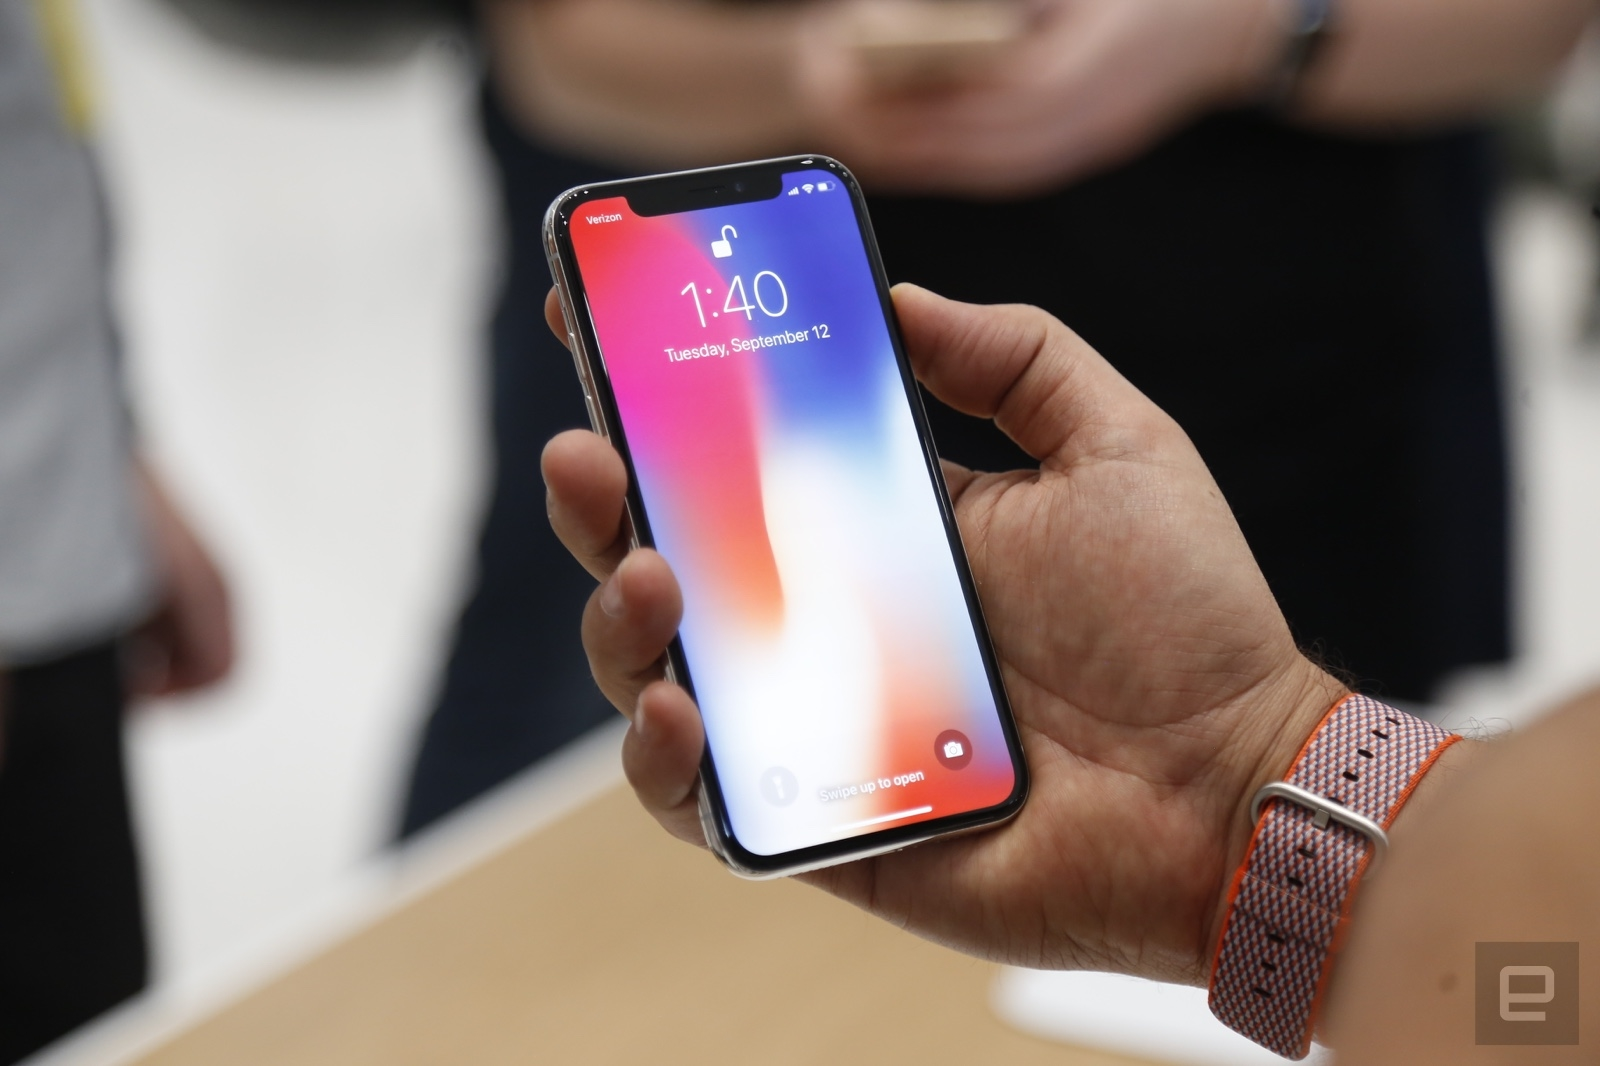 Apple despide a un empleado después de que su hija grabara un vídeo viral con el iPhone X